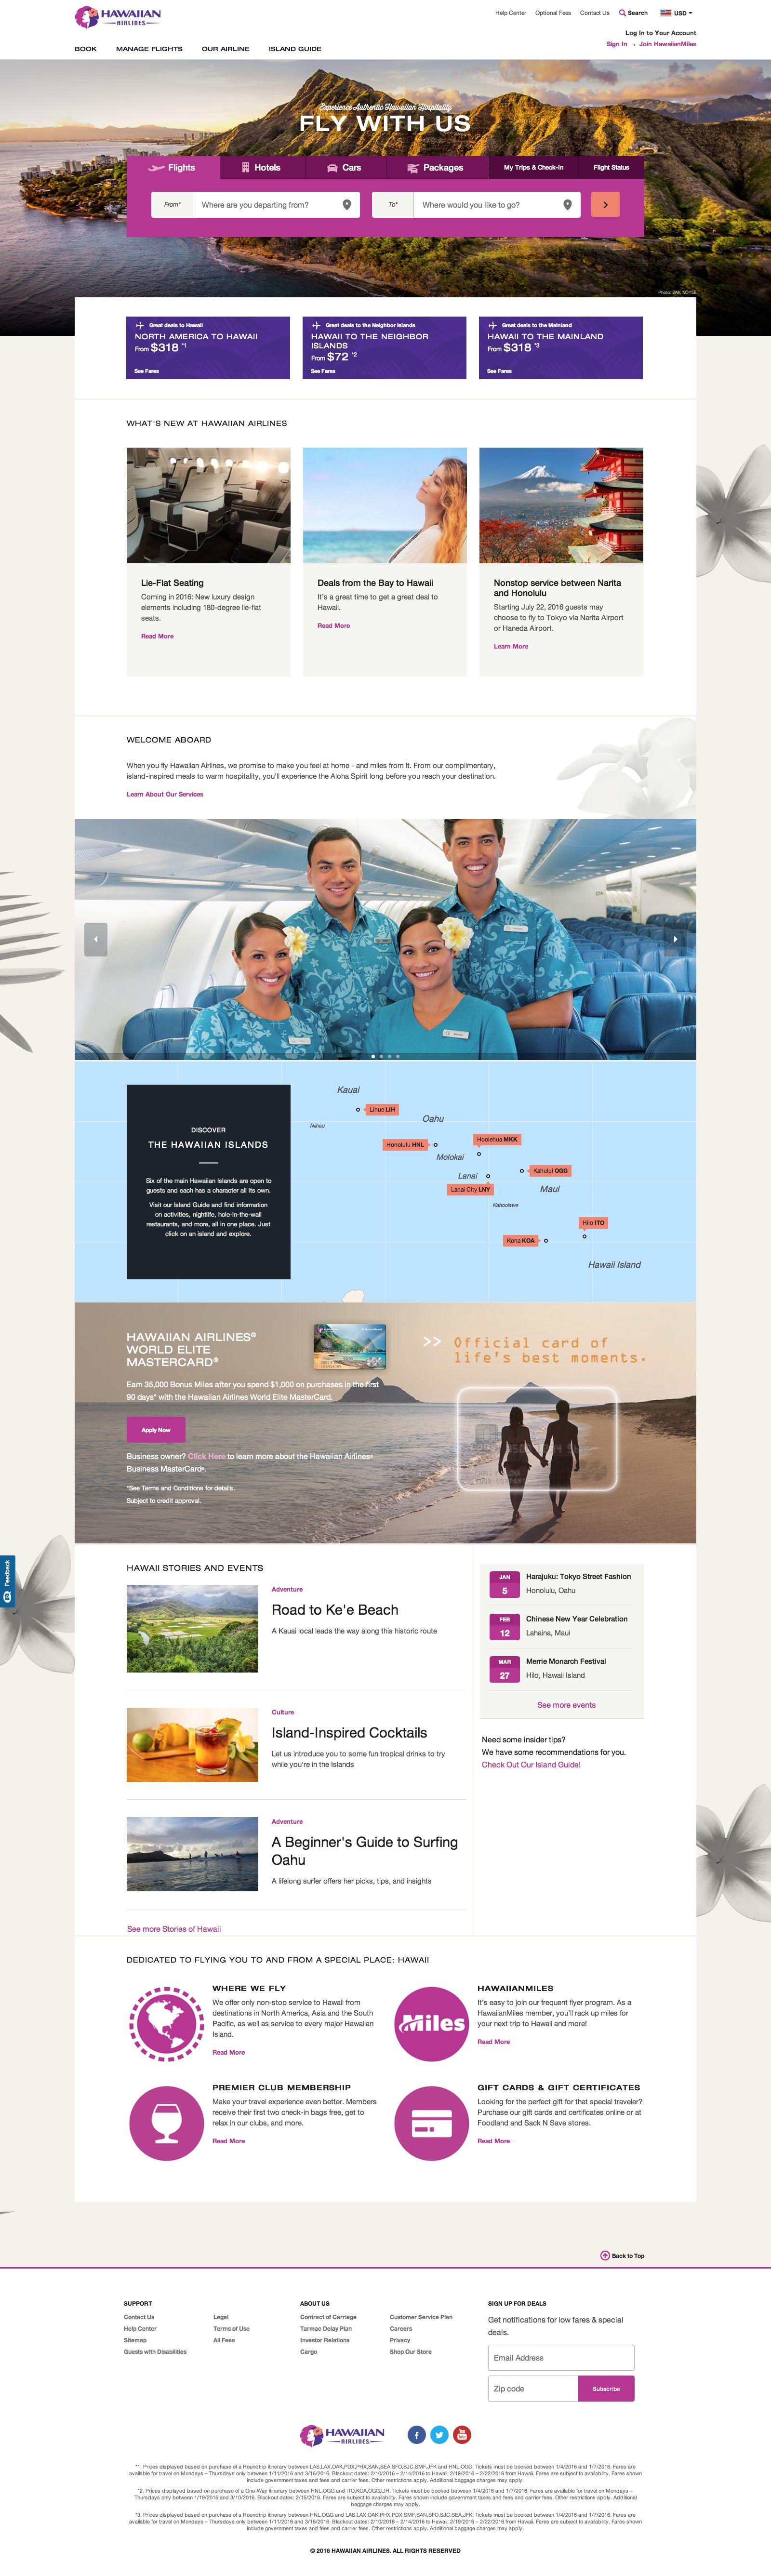 Hawaiian Airlines Website Design Website Travel Bestinclass Website Design Travel Website Design Travel Design